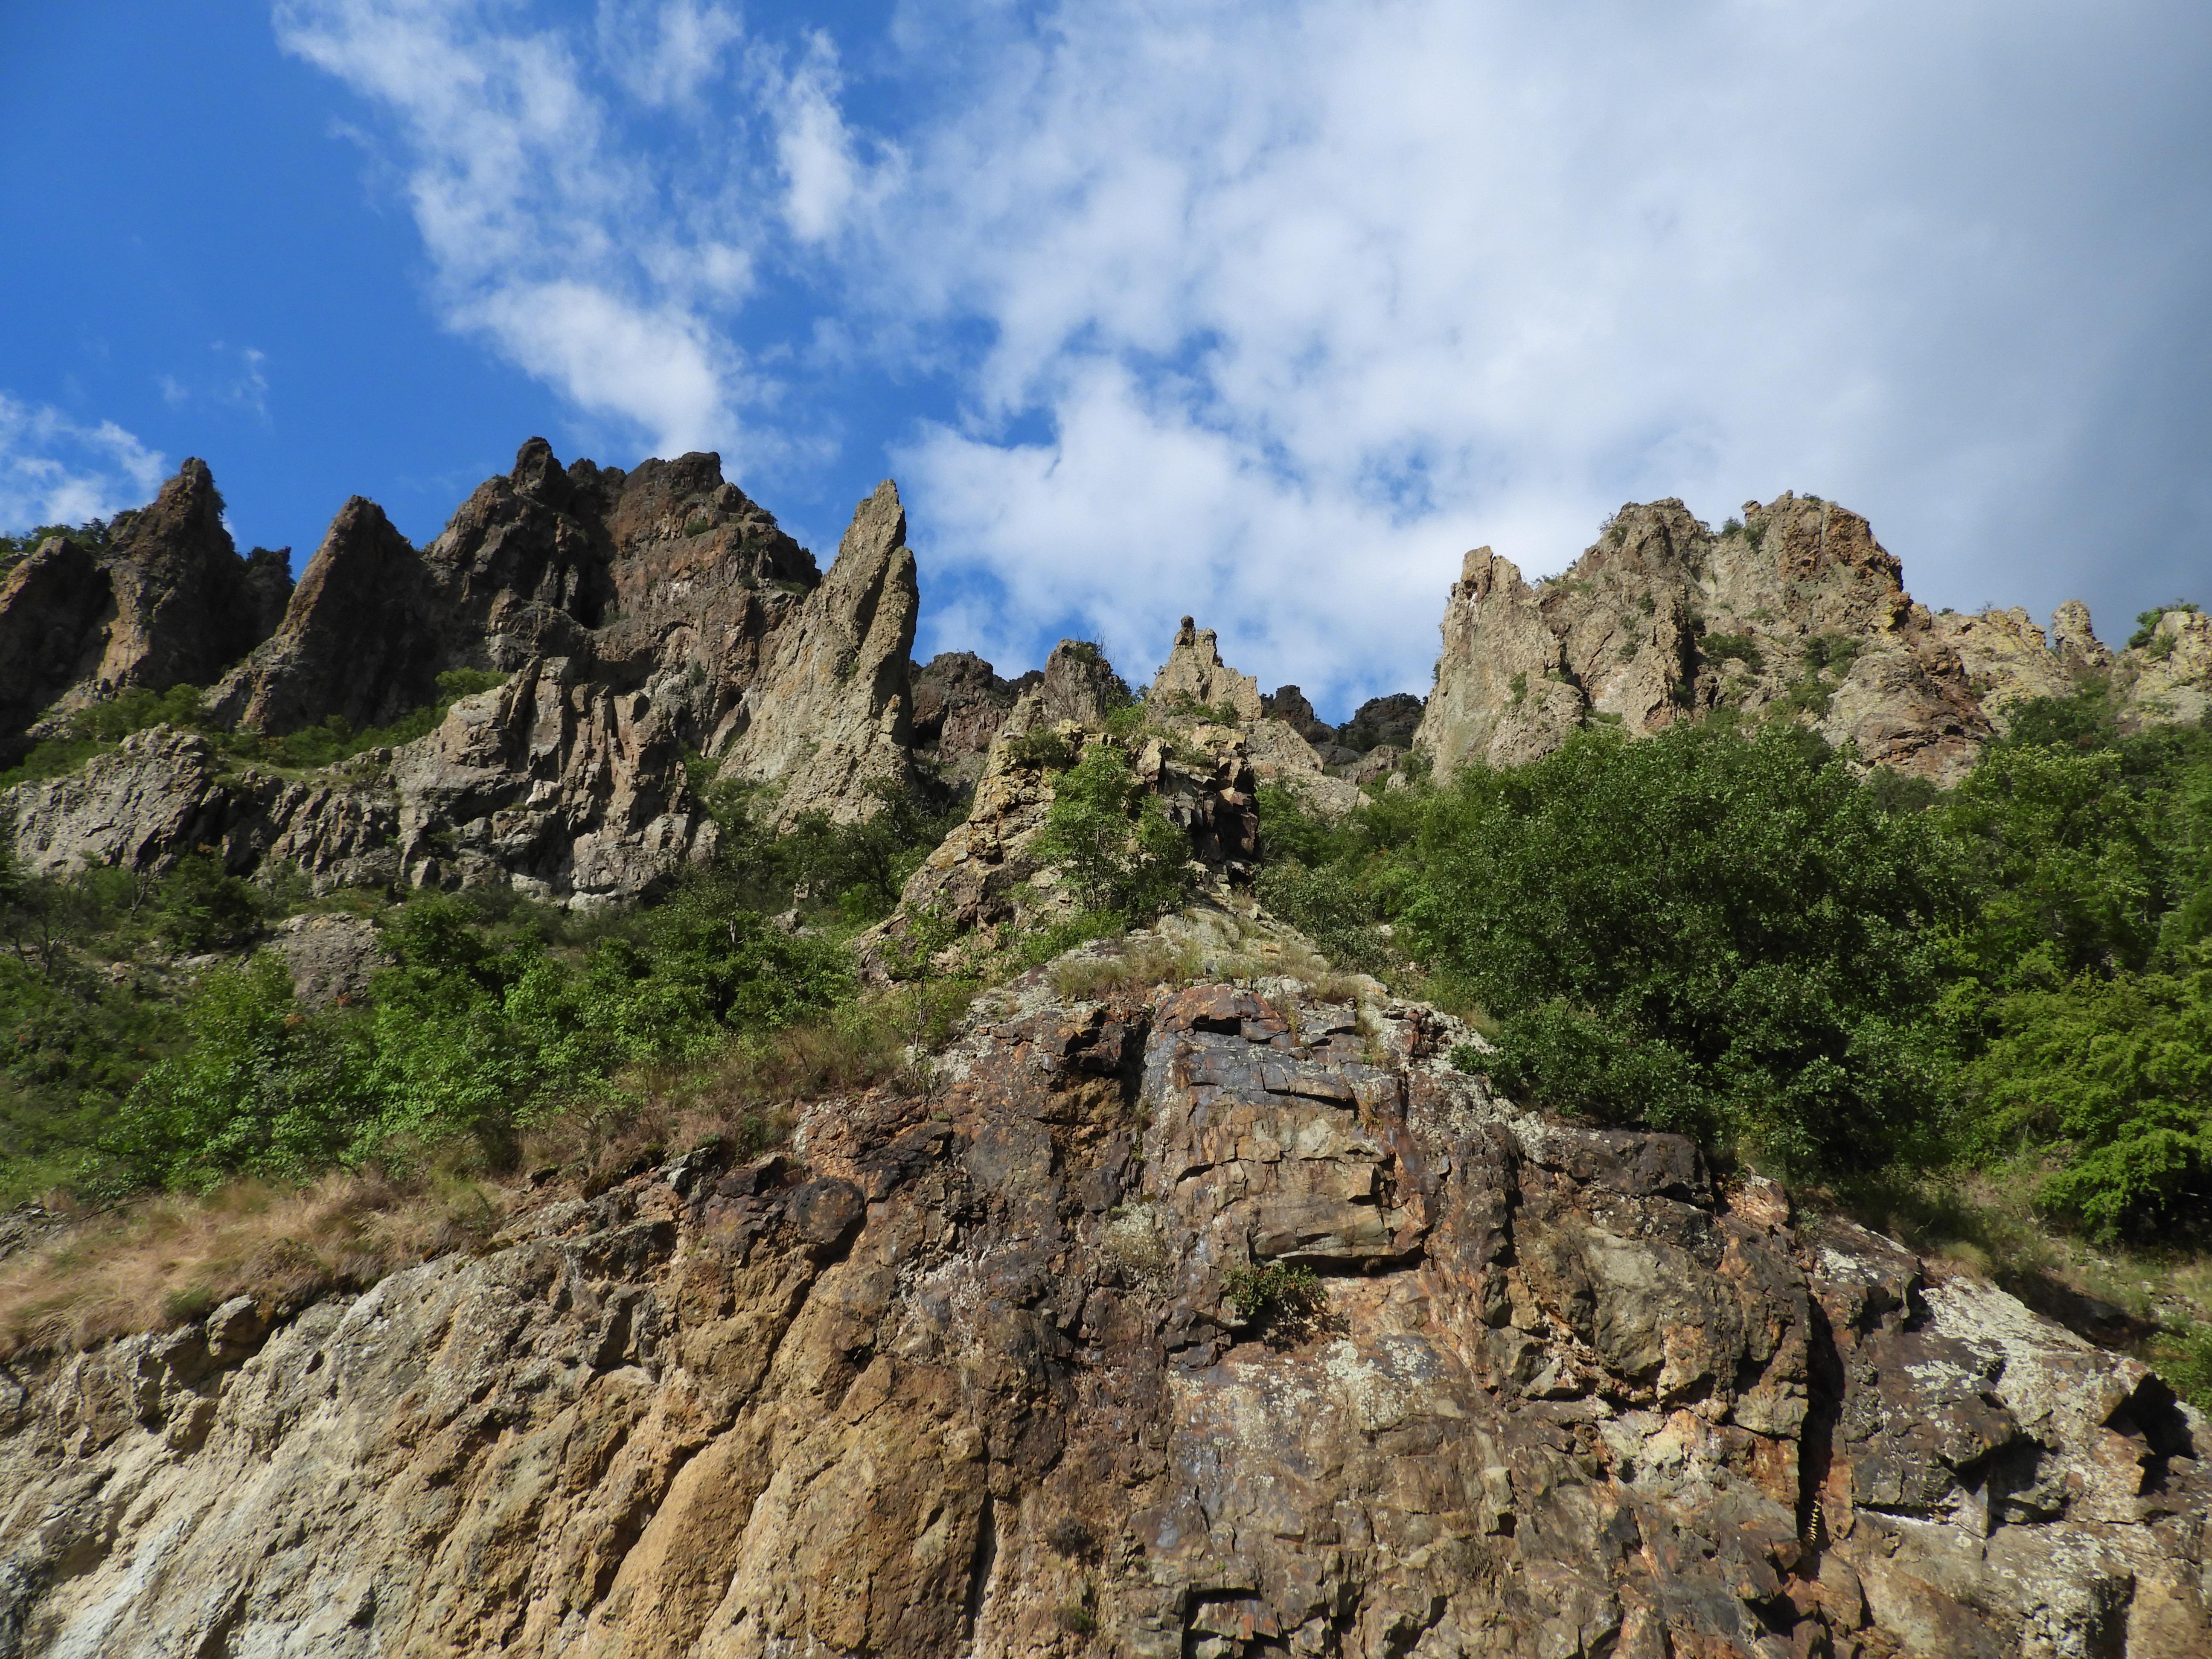 Madzharovo cliffs